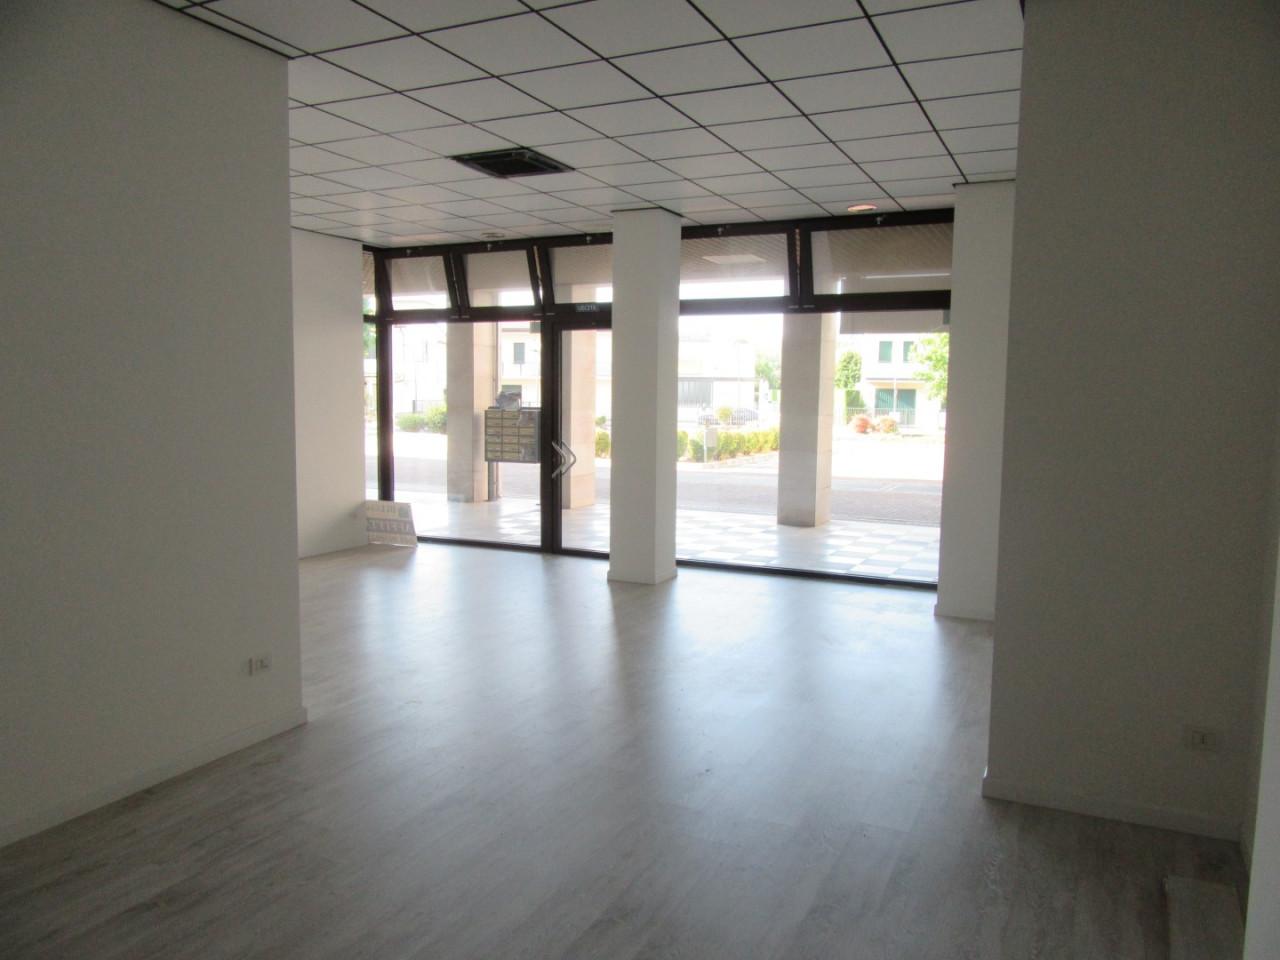 Z370 Negozio con altissima visibilità https://images.gestionaleimmobiliare.it/foto/annunci/210827/2719483/1280x1280/003__03_interno_negozio.jpg